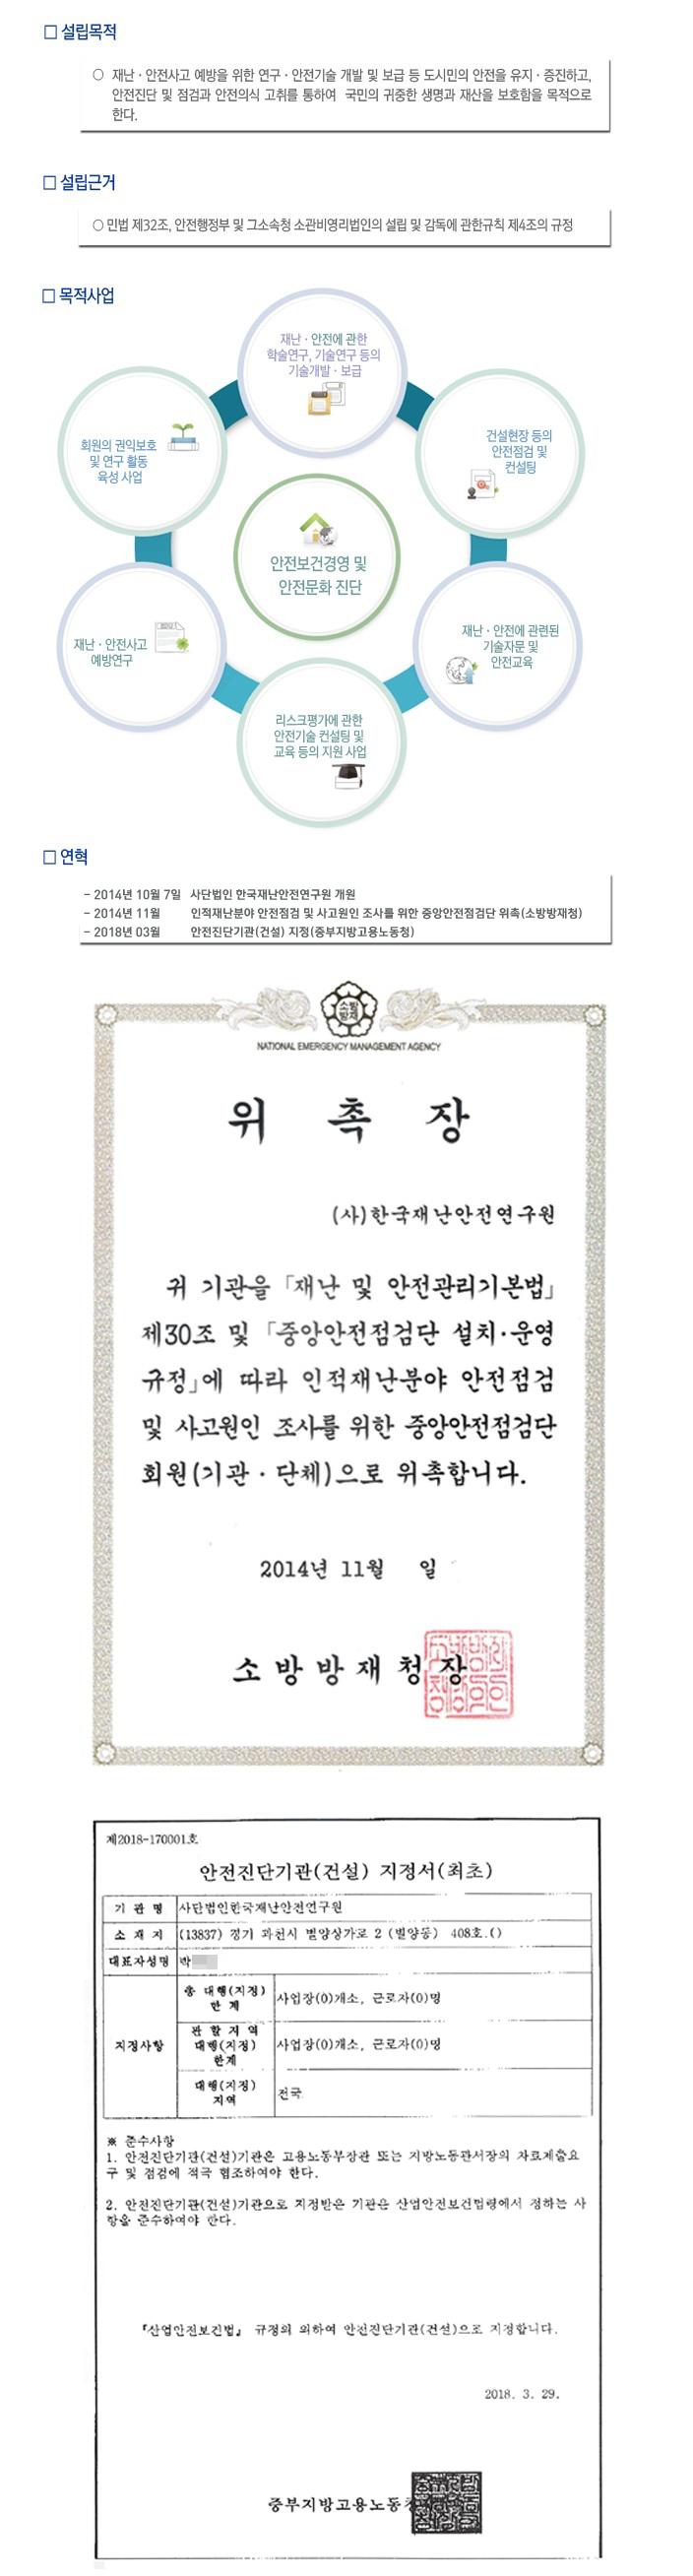 연혁 수정(성함 블럭).png